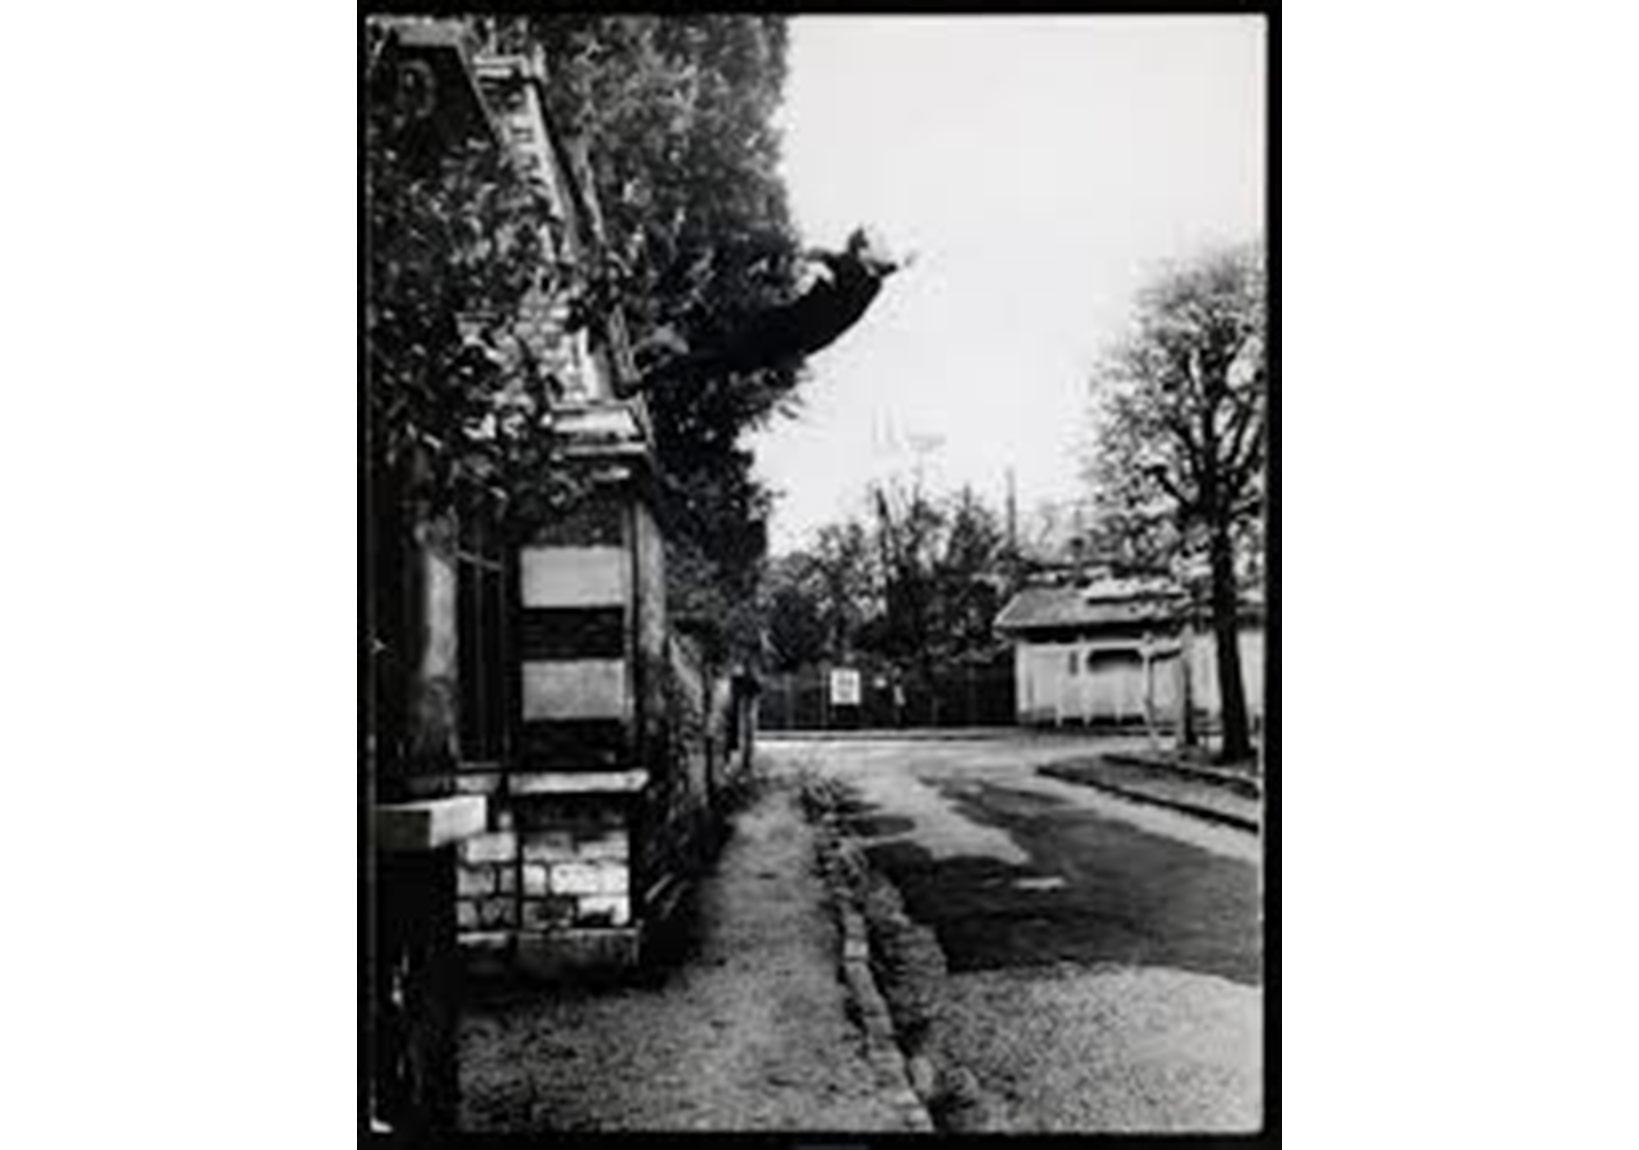 Yves Klein, Boşluğa Atlayış, 1960